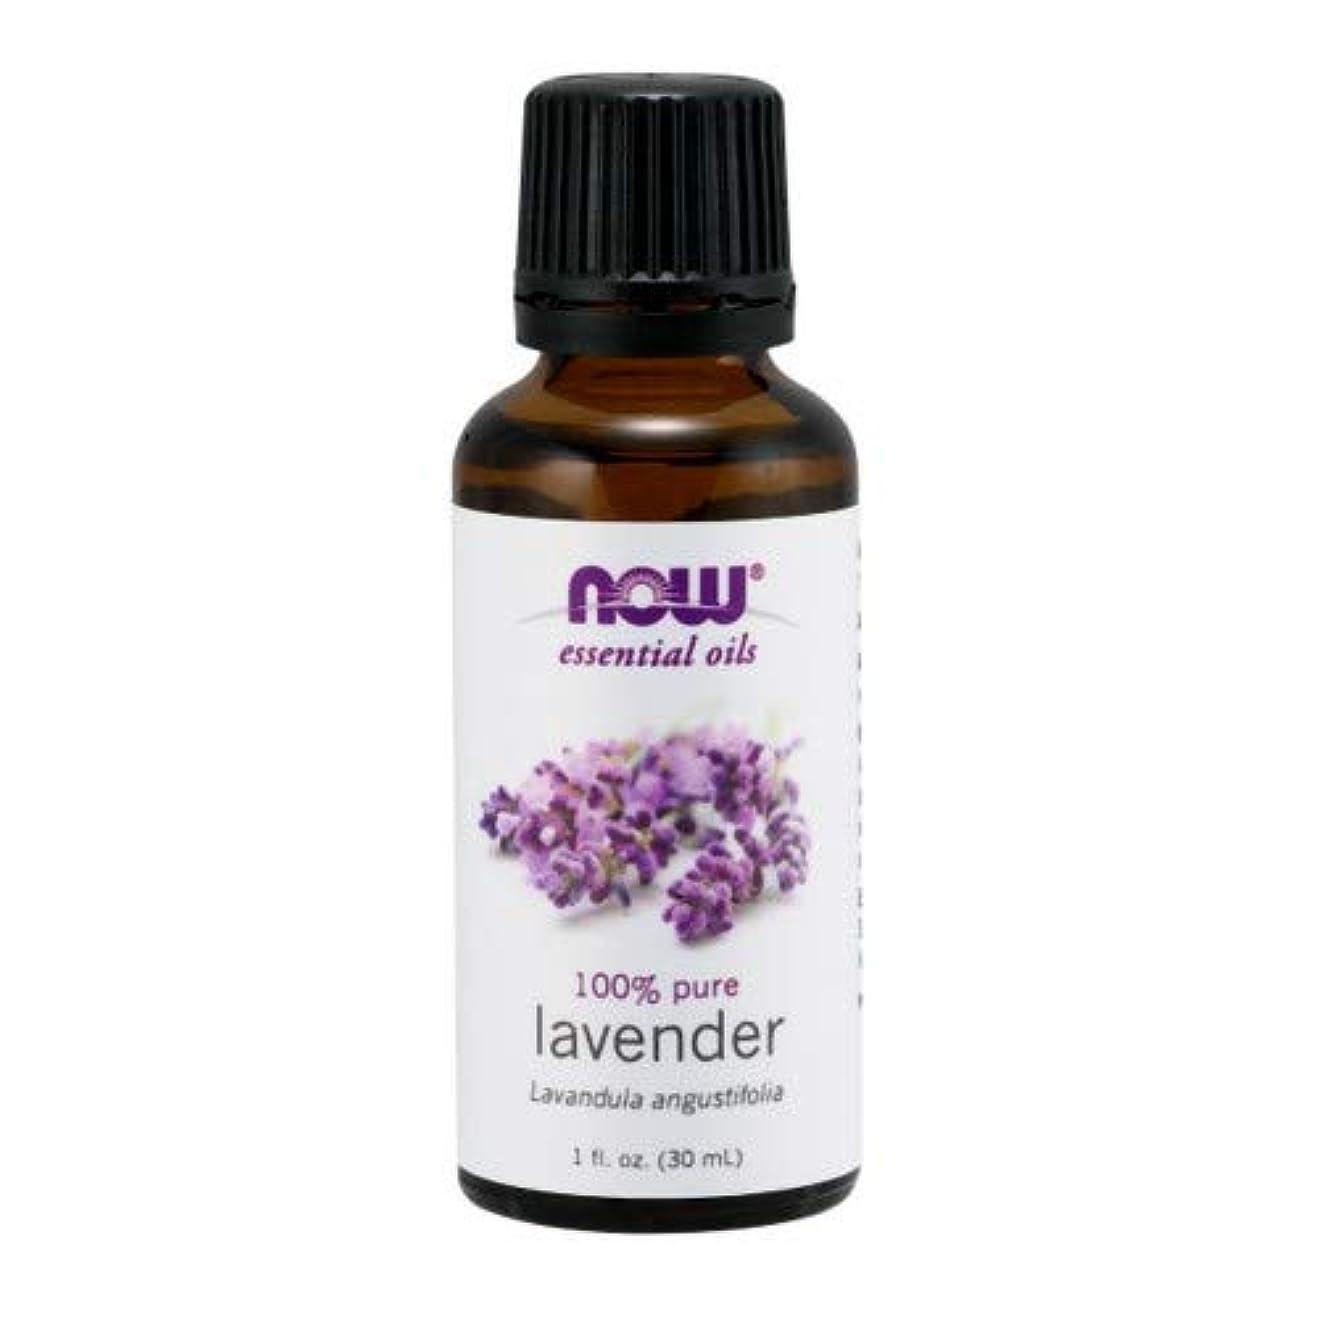 アイザック中に武器エッセンシャルオイル ラベンダーオイル 30ml 2個セット ナウフーズ 並行輸入品 NOW Foods Essential Oils Lavender 1 oz Pack of 2